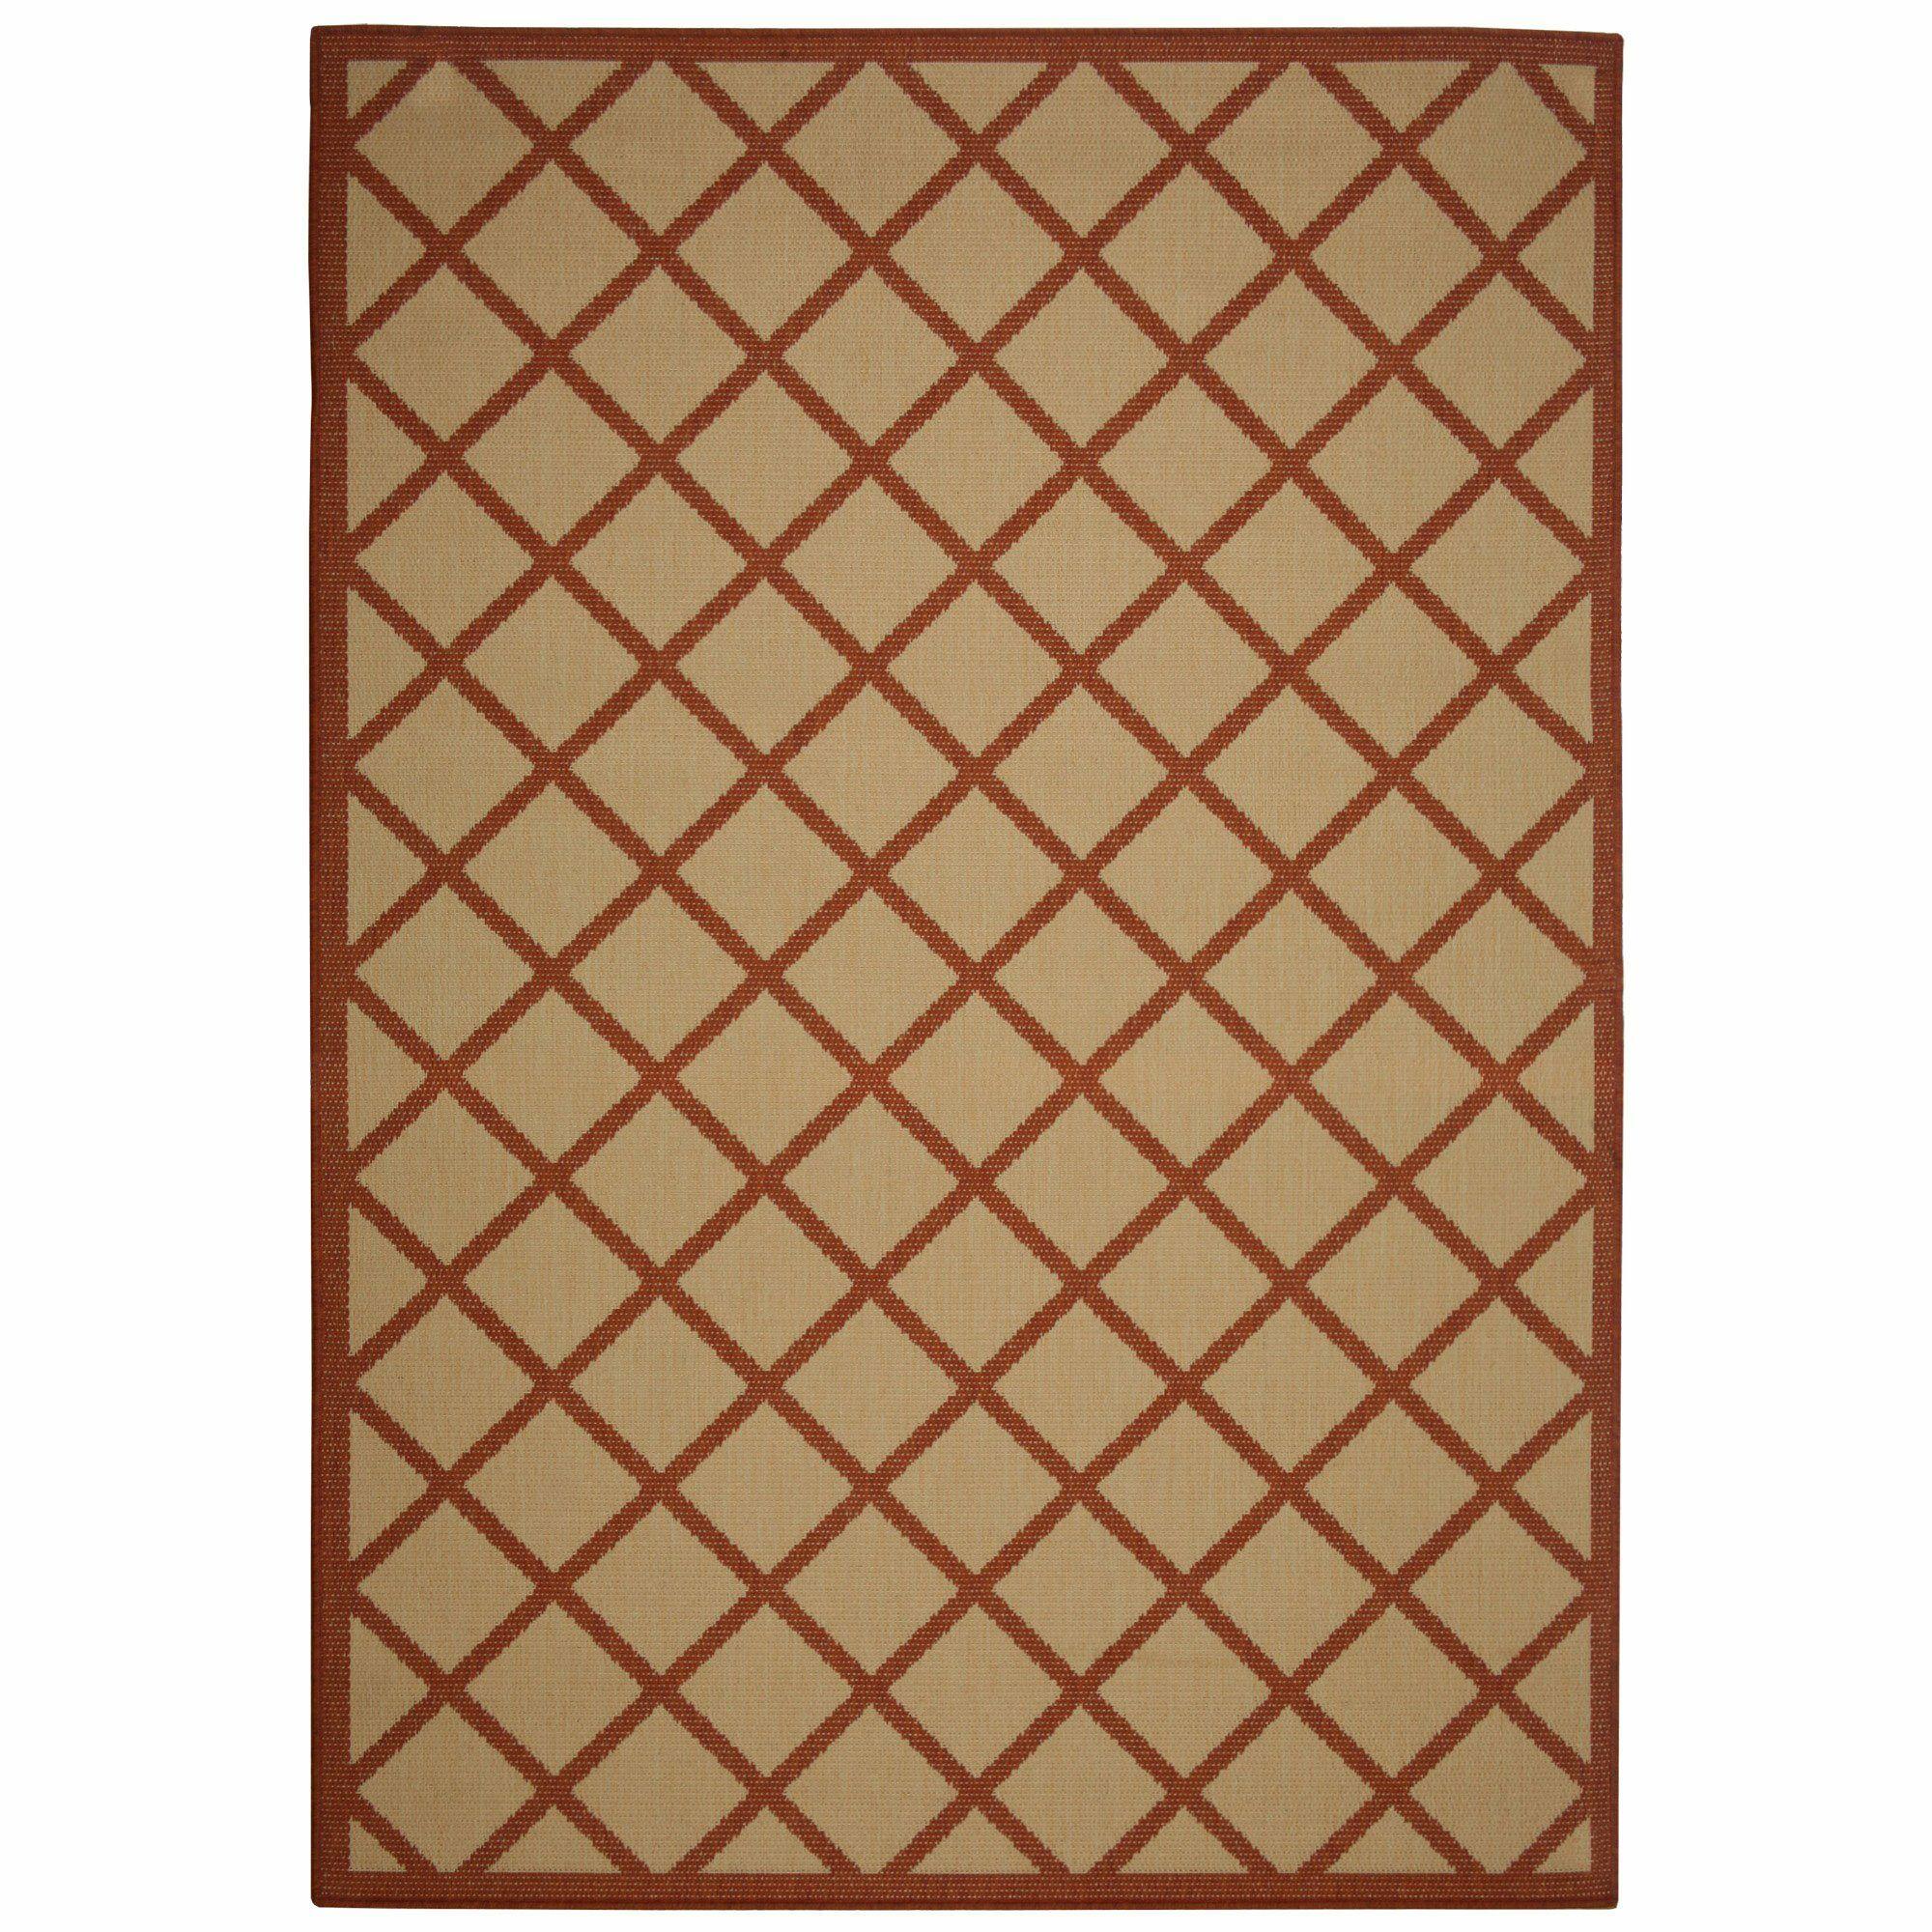 Eells Red Geometric Indoor/Outdoor Area Rug Rug Size: Rectangle 7' x 10'